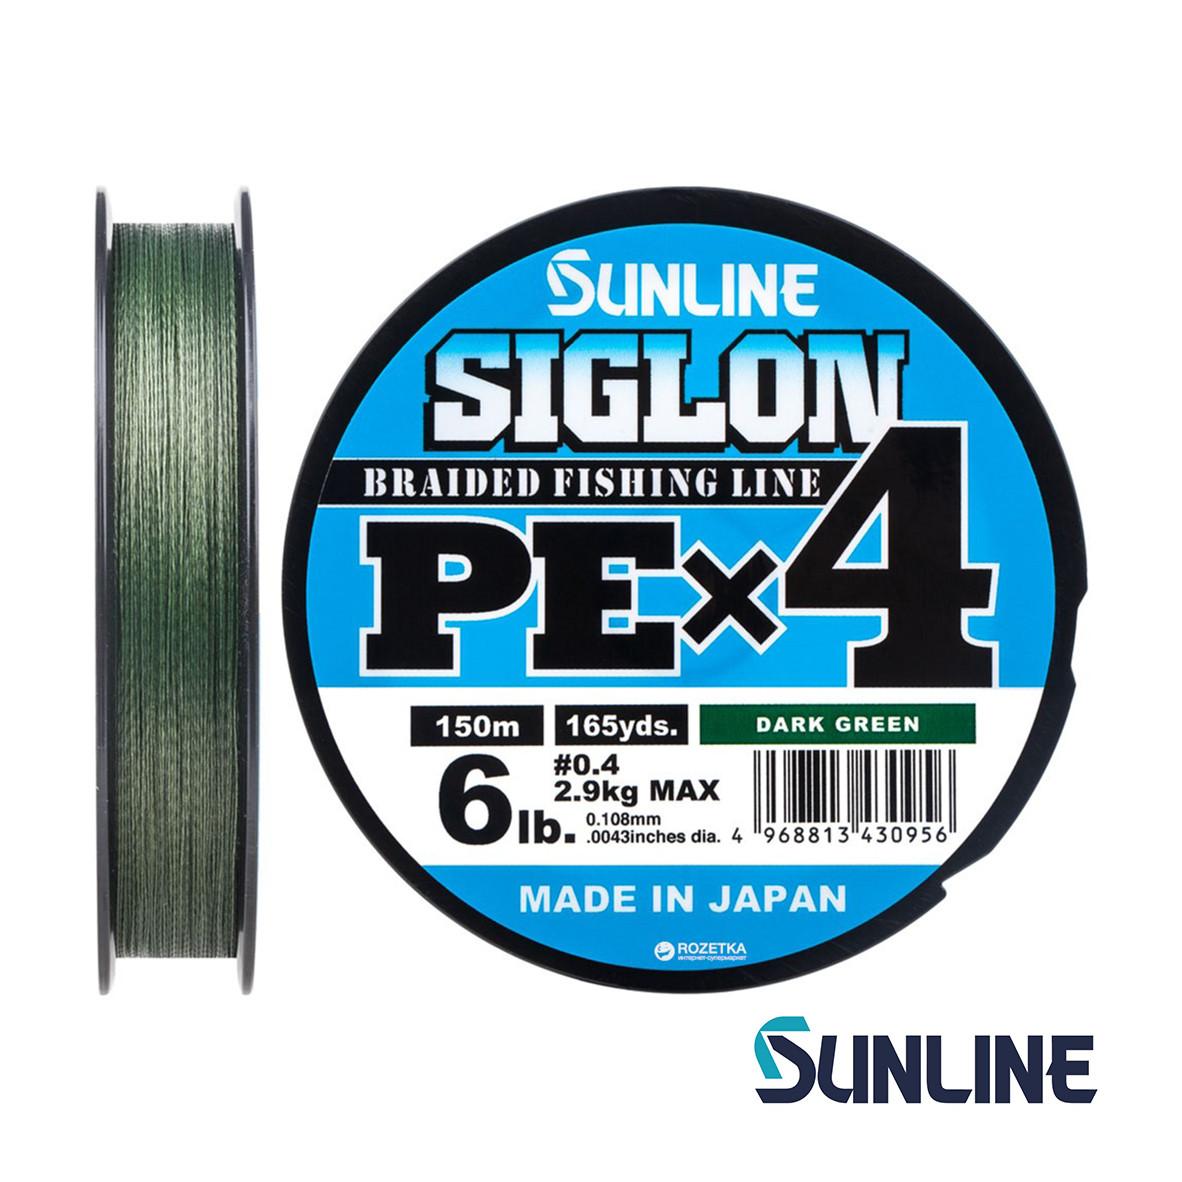 Шнур Sunline Siglon PE х4 150m (темн-зел.) #2.0/0.242mm 35lb/15.5